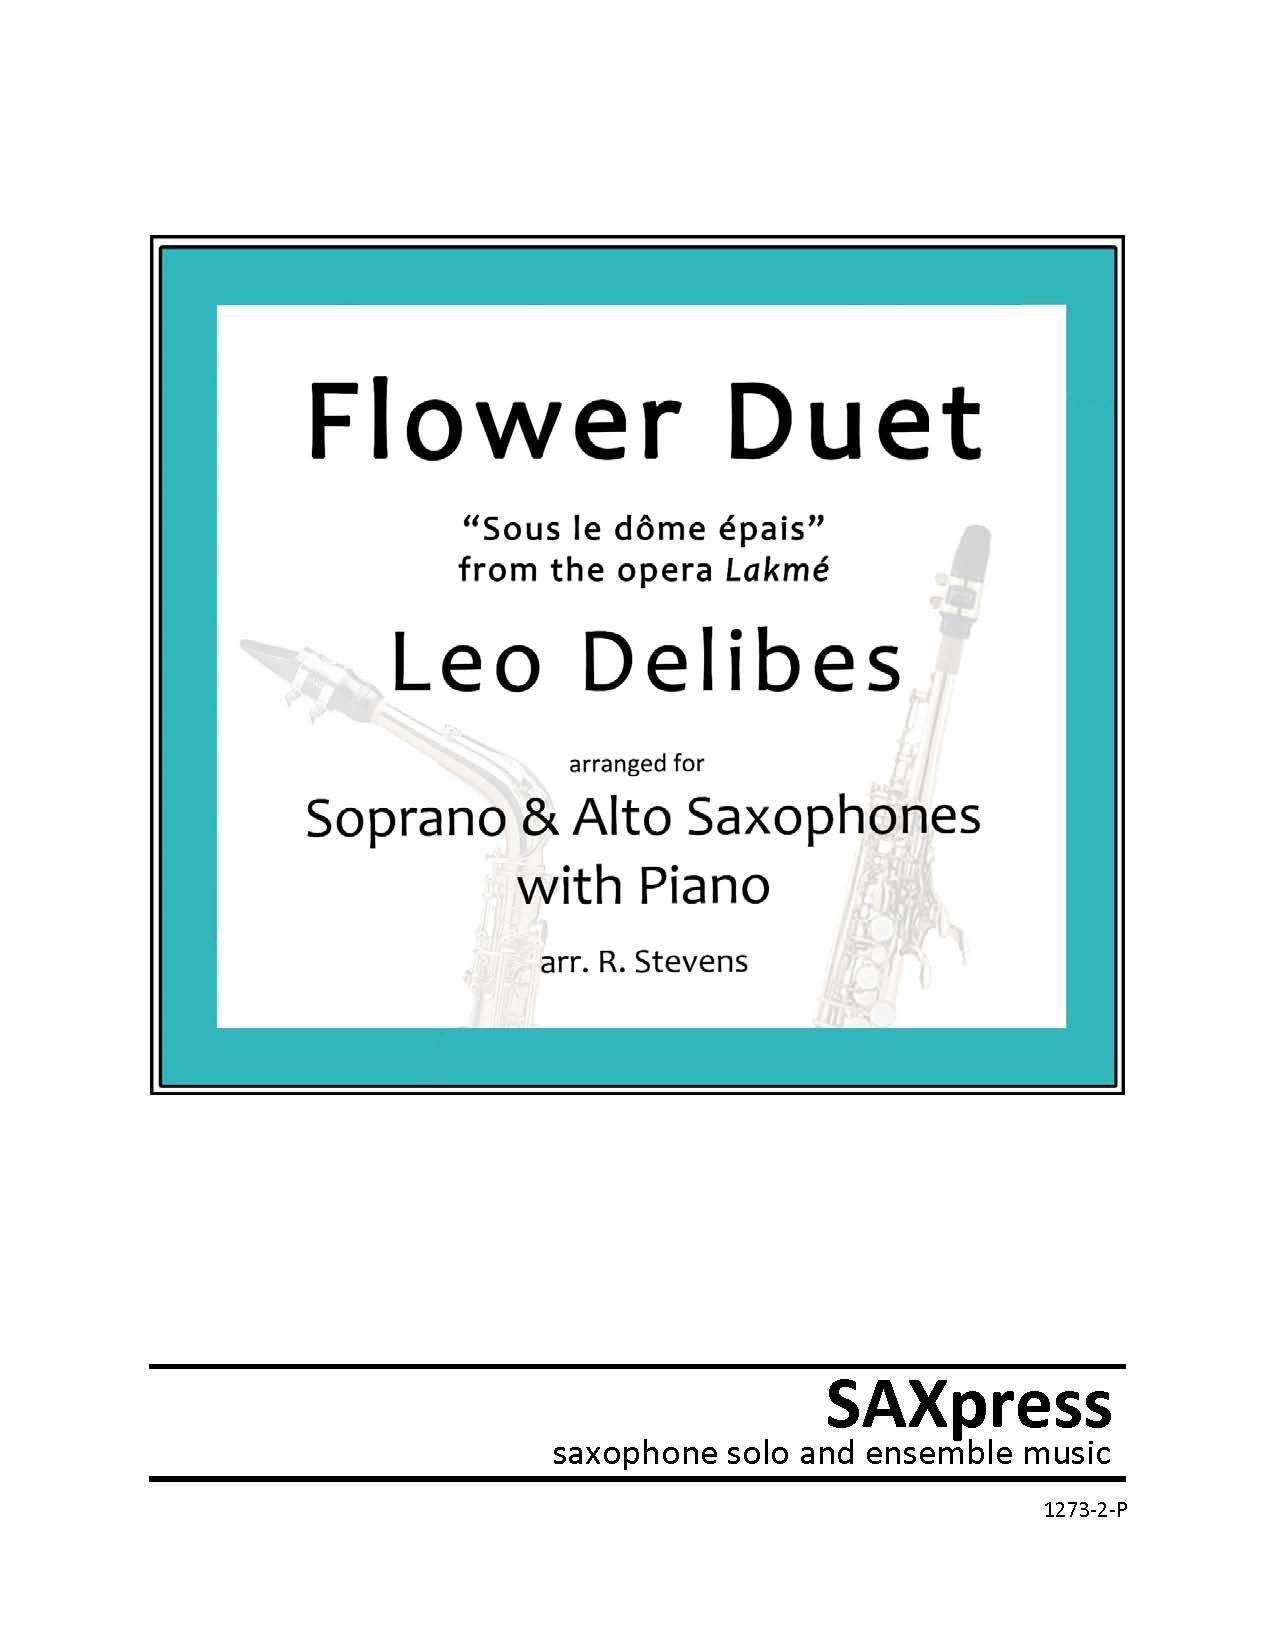 Flower Duet from Lakmé